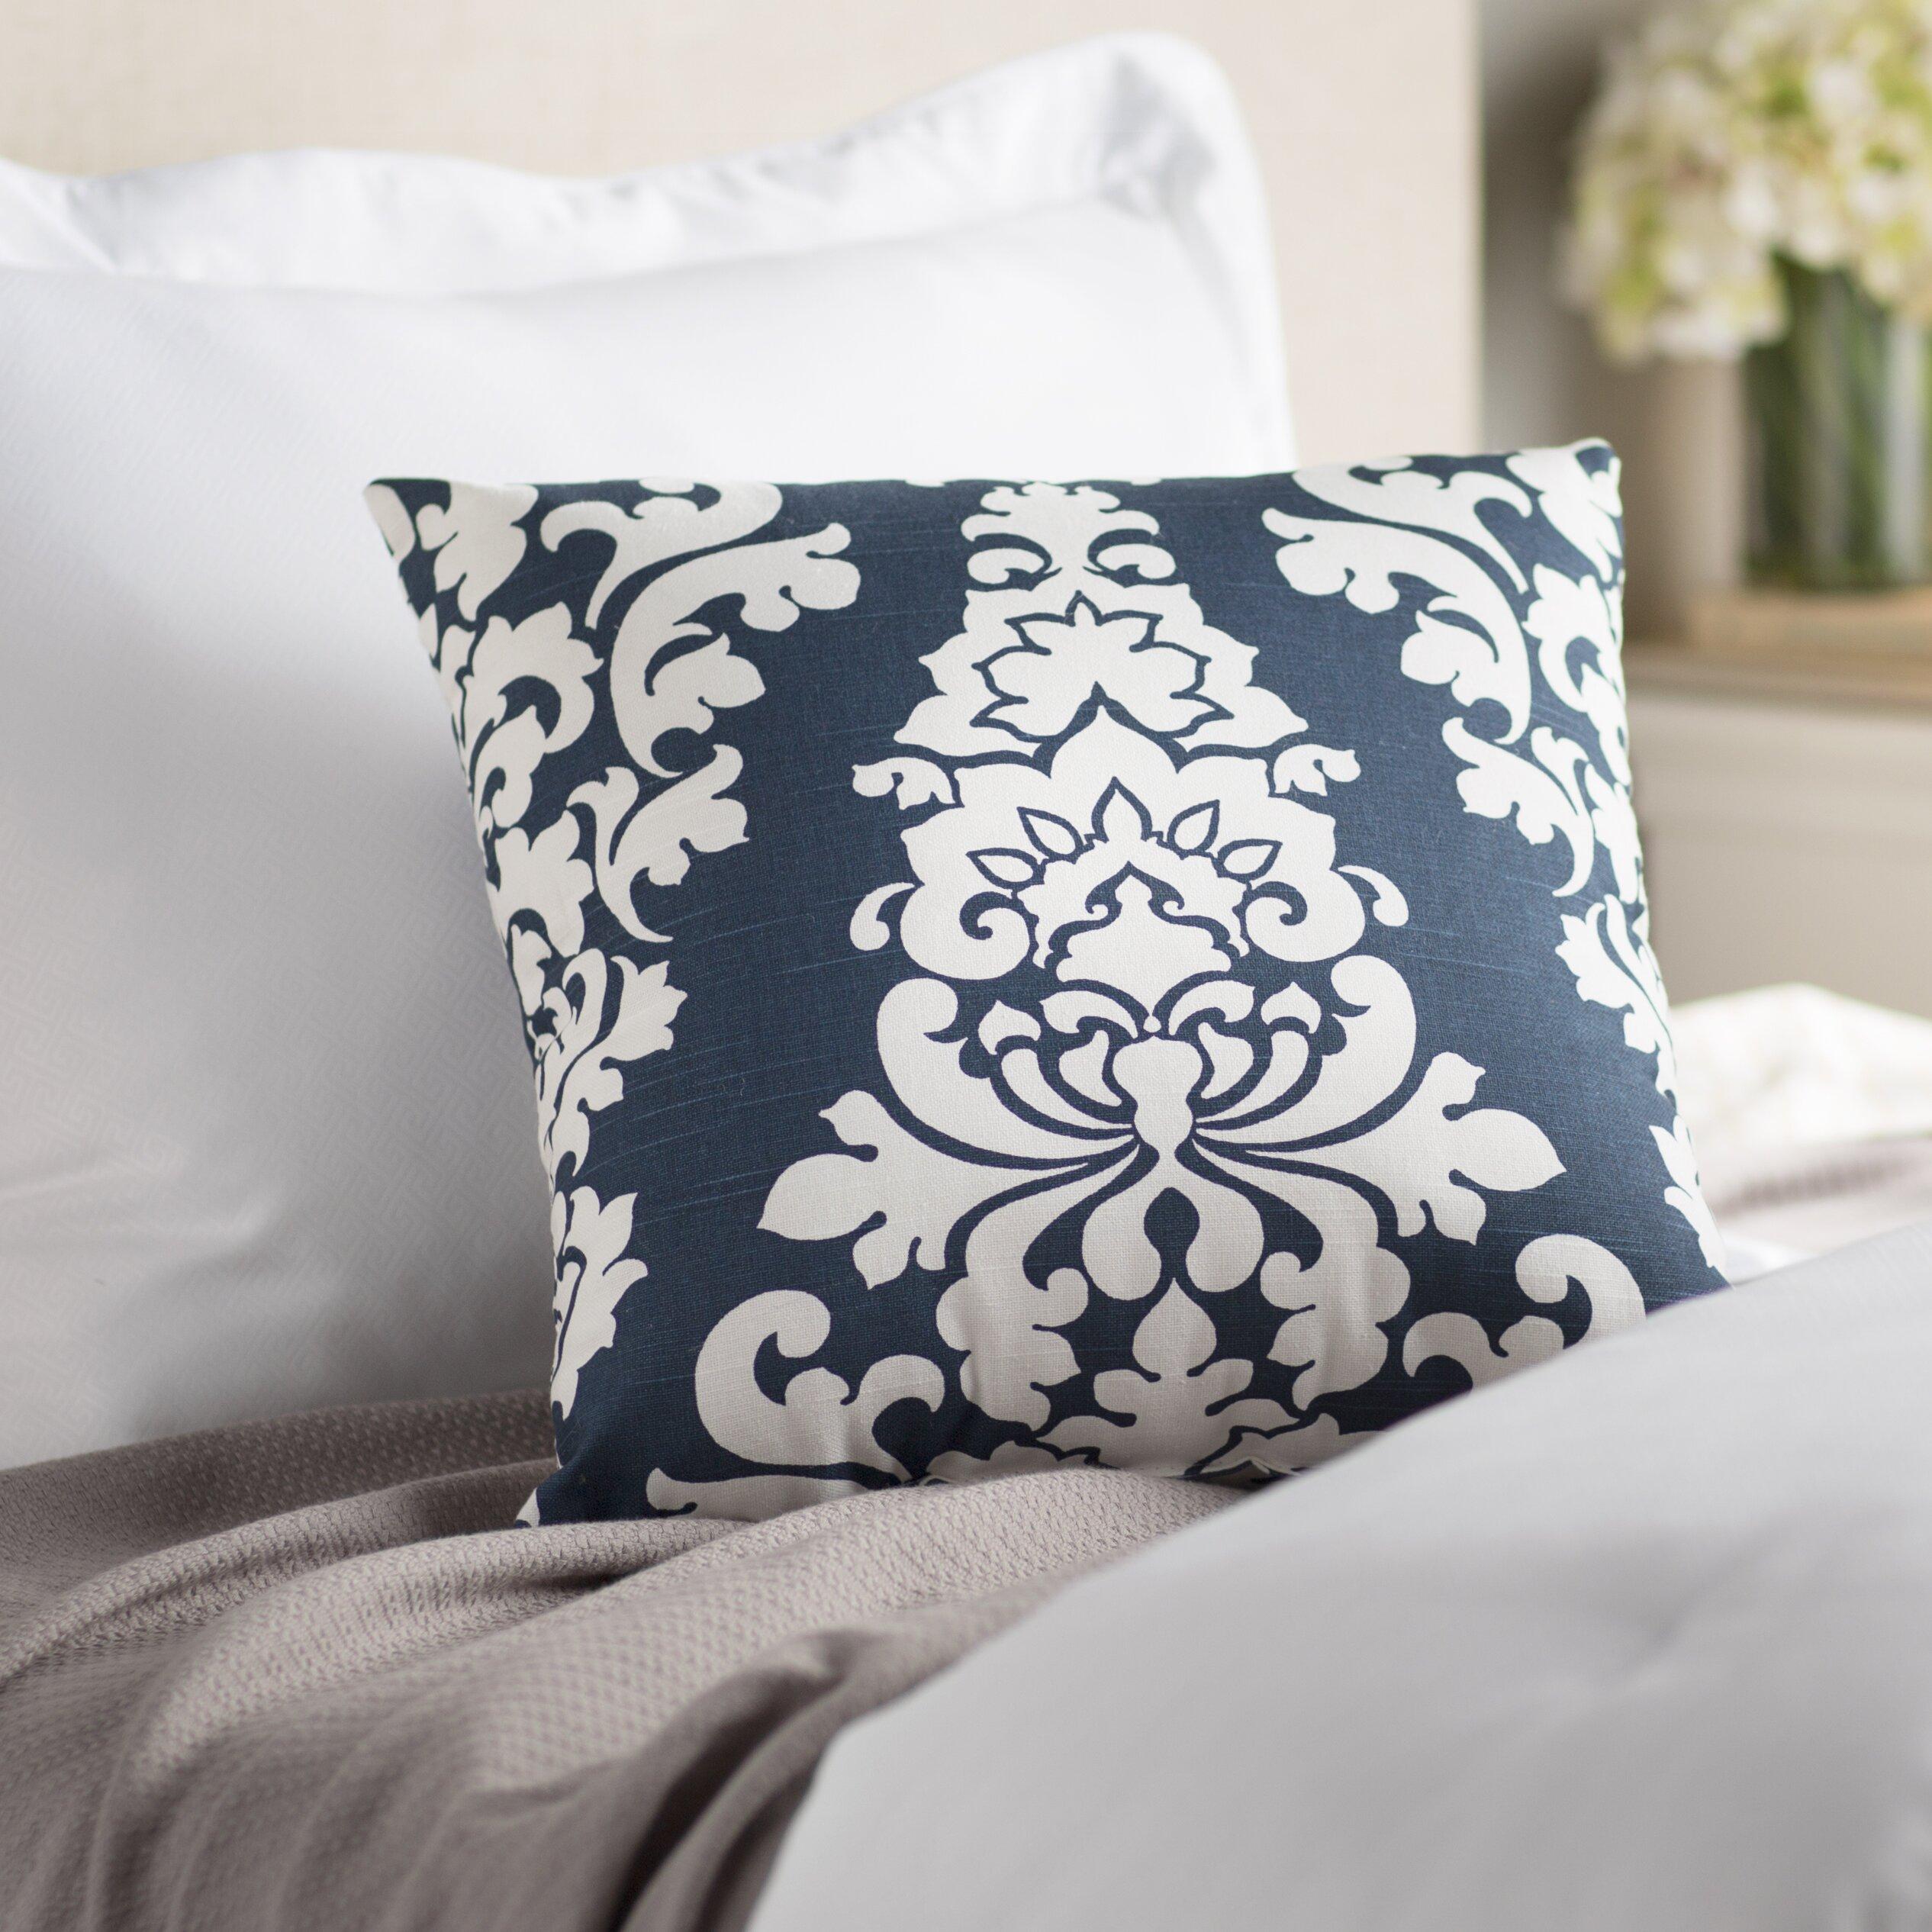 Throw Pillows Damask : Three Posts Palmdale Indoor/Outdoor Damask Cotton Throw Pillow & Reviews Wayfair